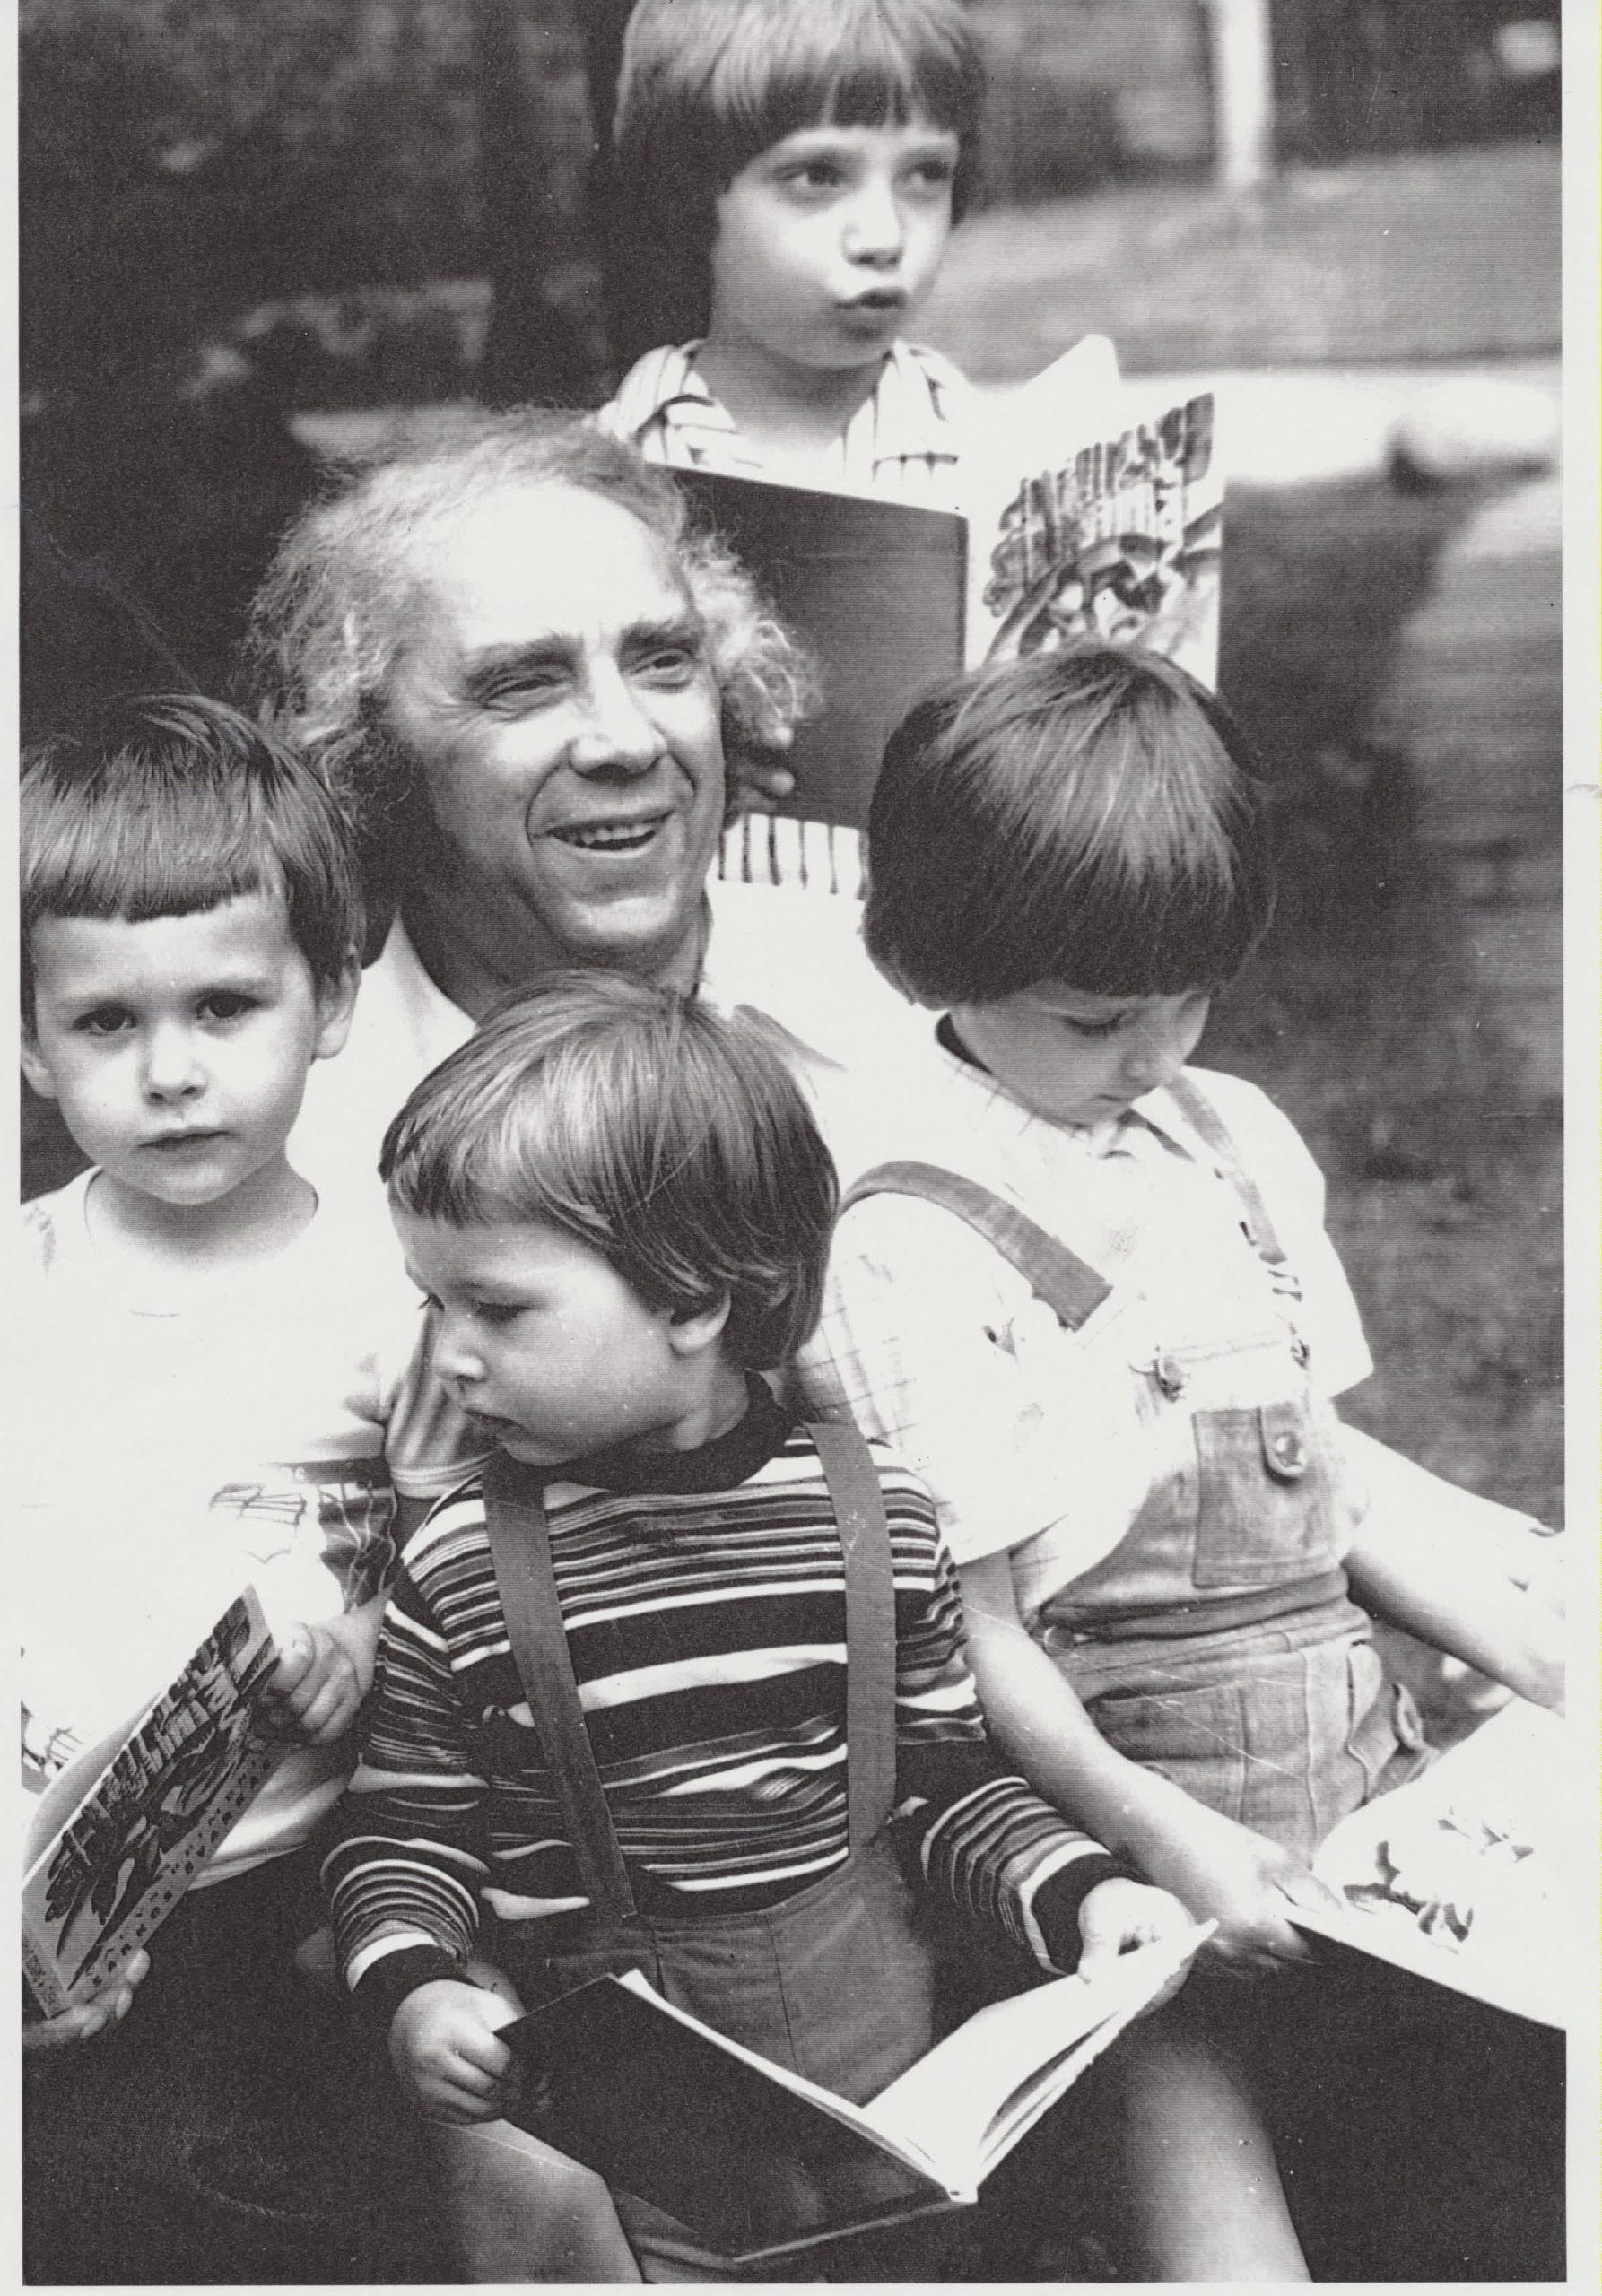 Su anūkais Gediminu, Kaziu, Kęstučiu ir Motiejumi. 1981 m. G. Kapočiaus nuotrauka